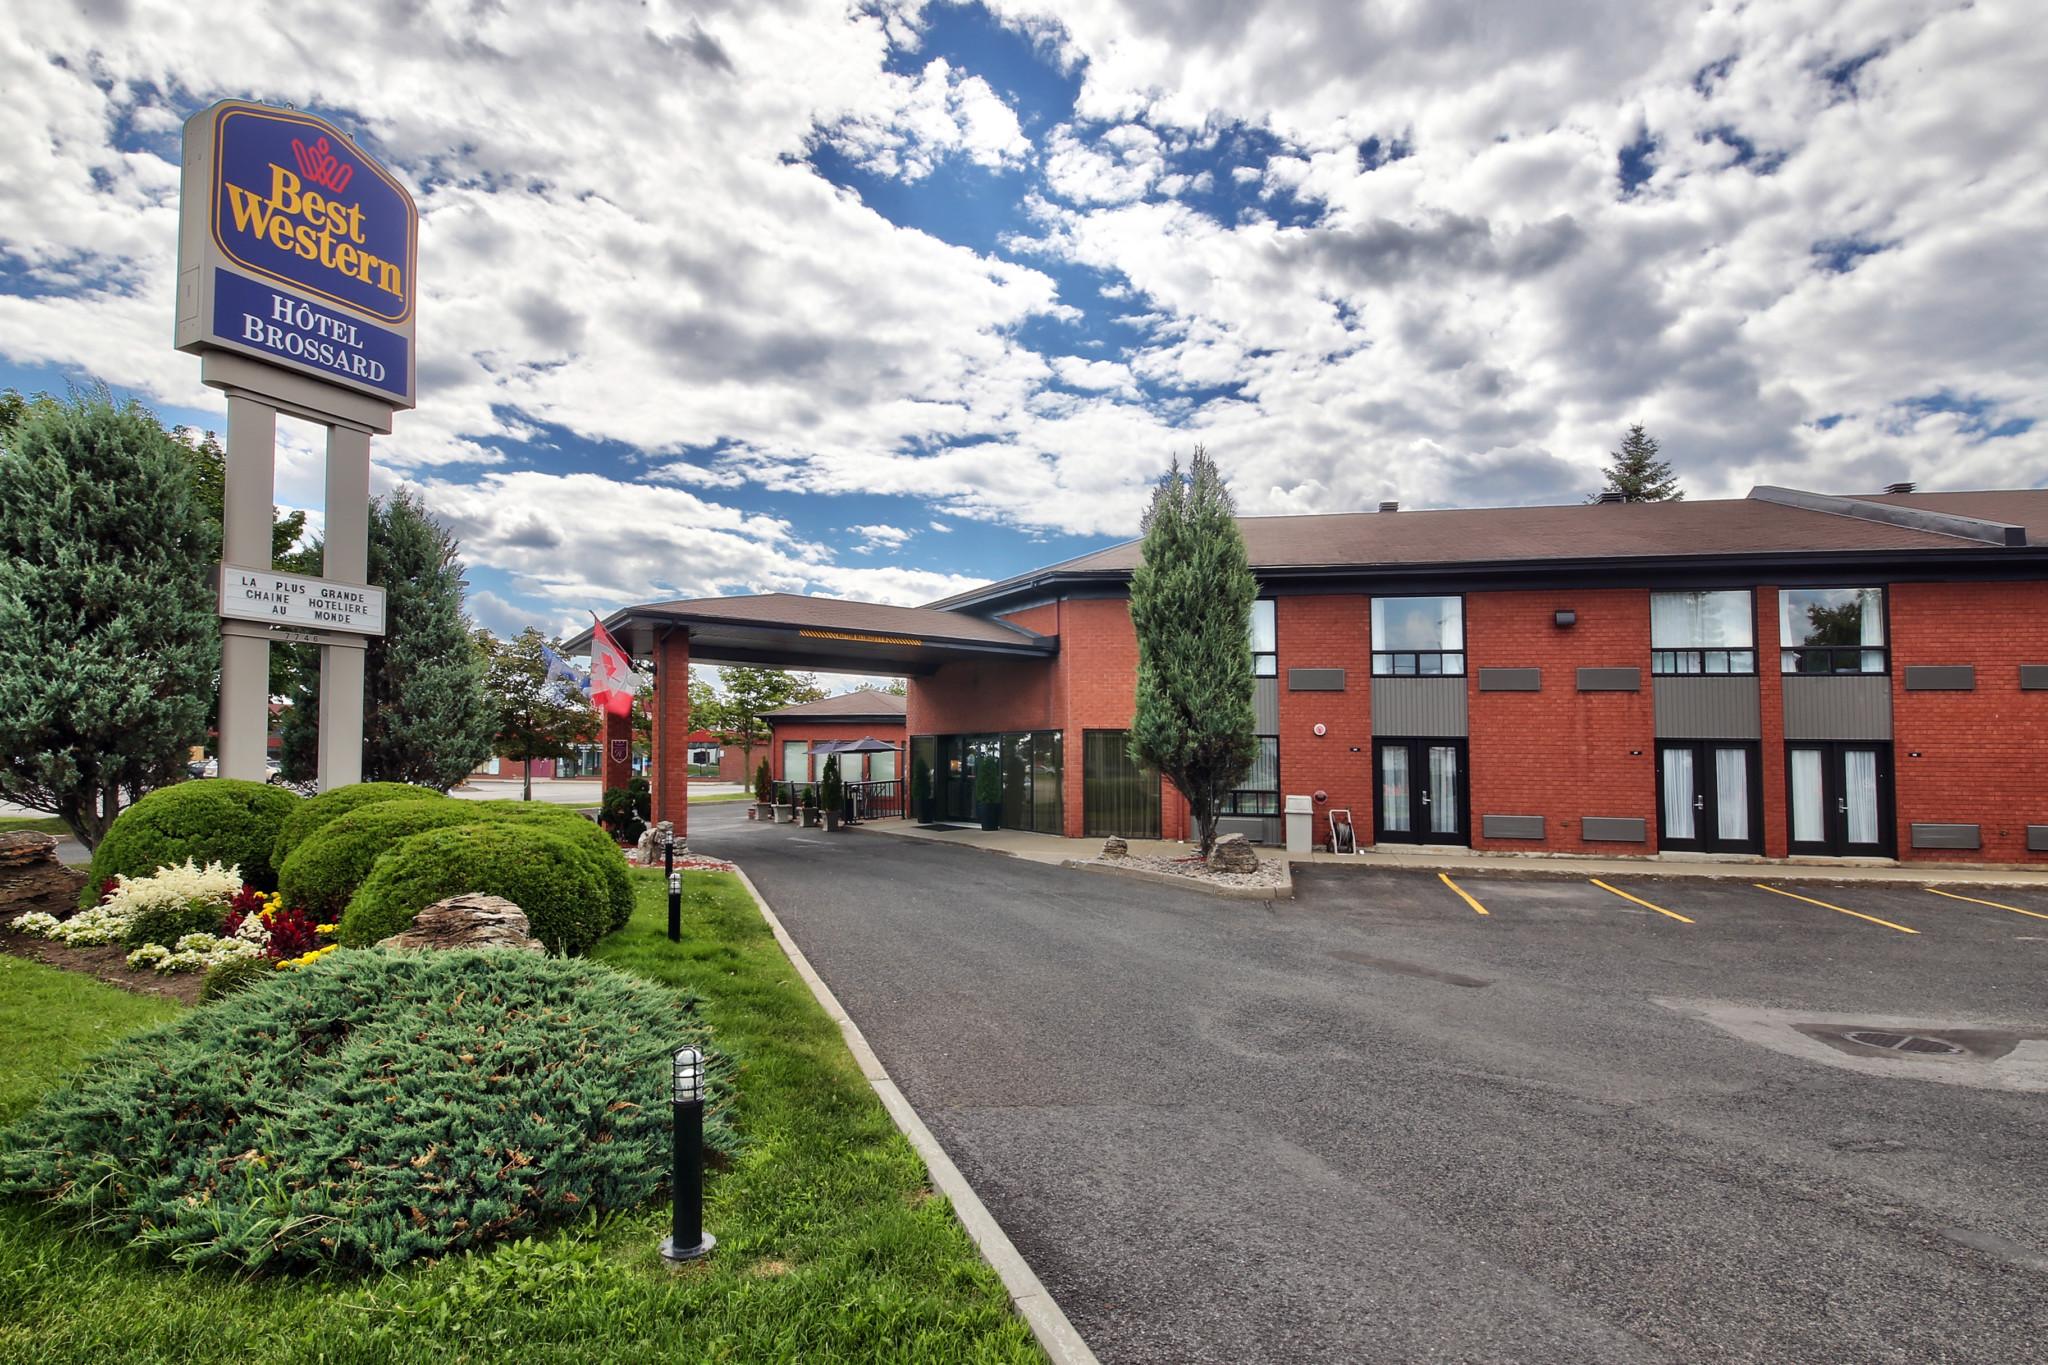 Hôtel Best Western, Brossard